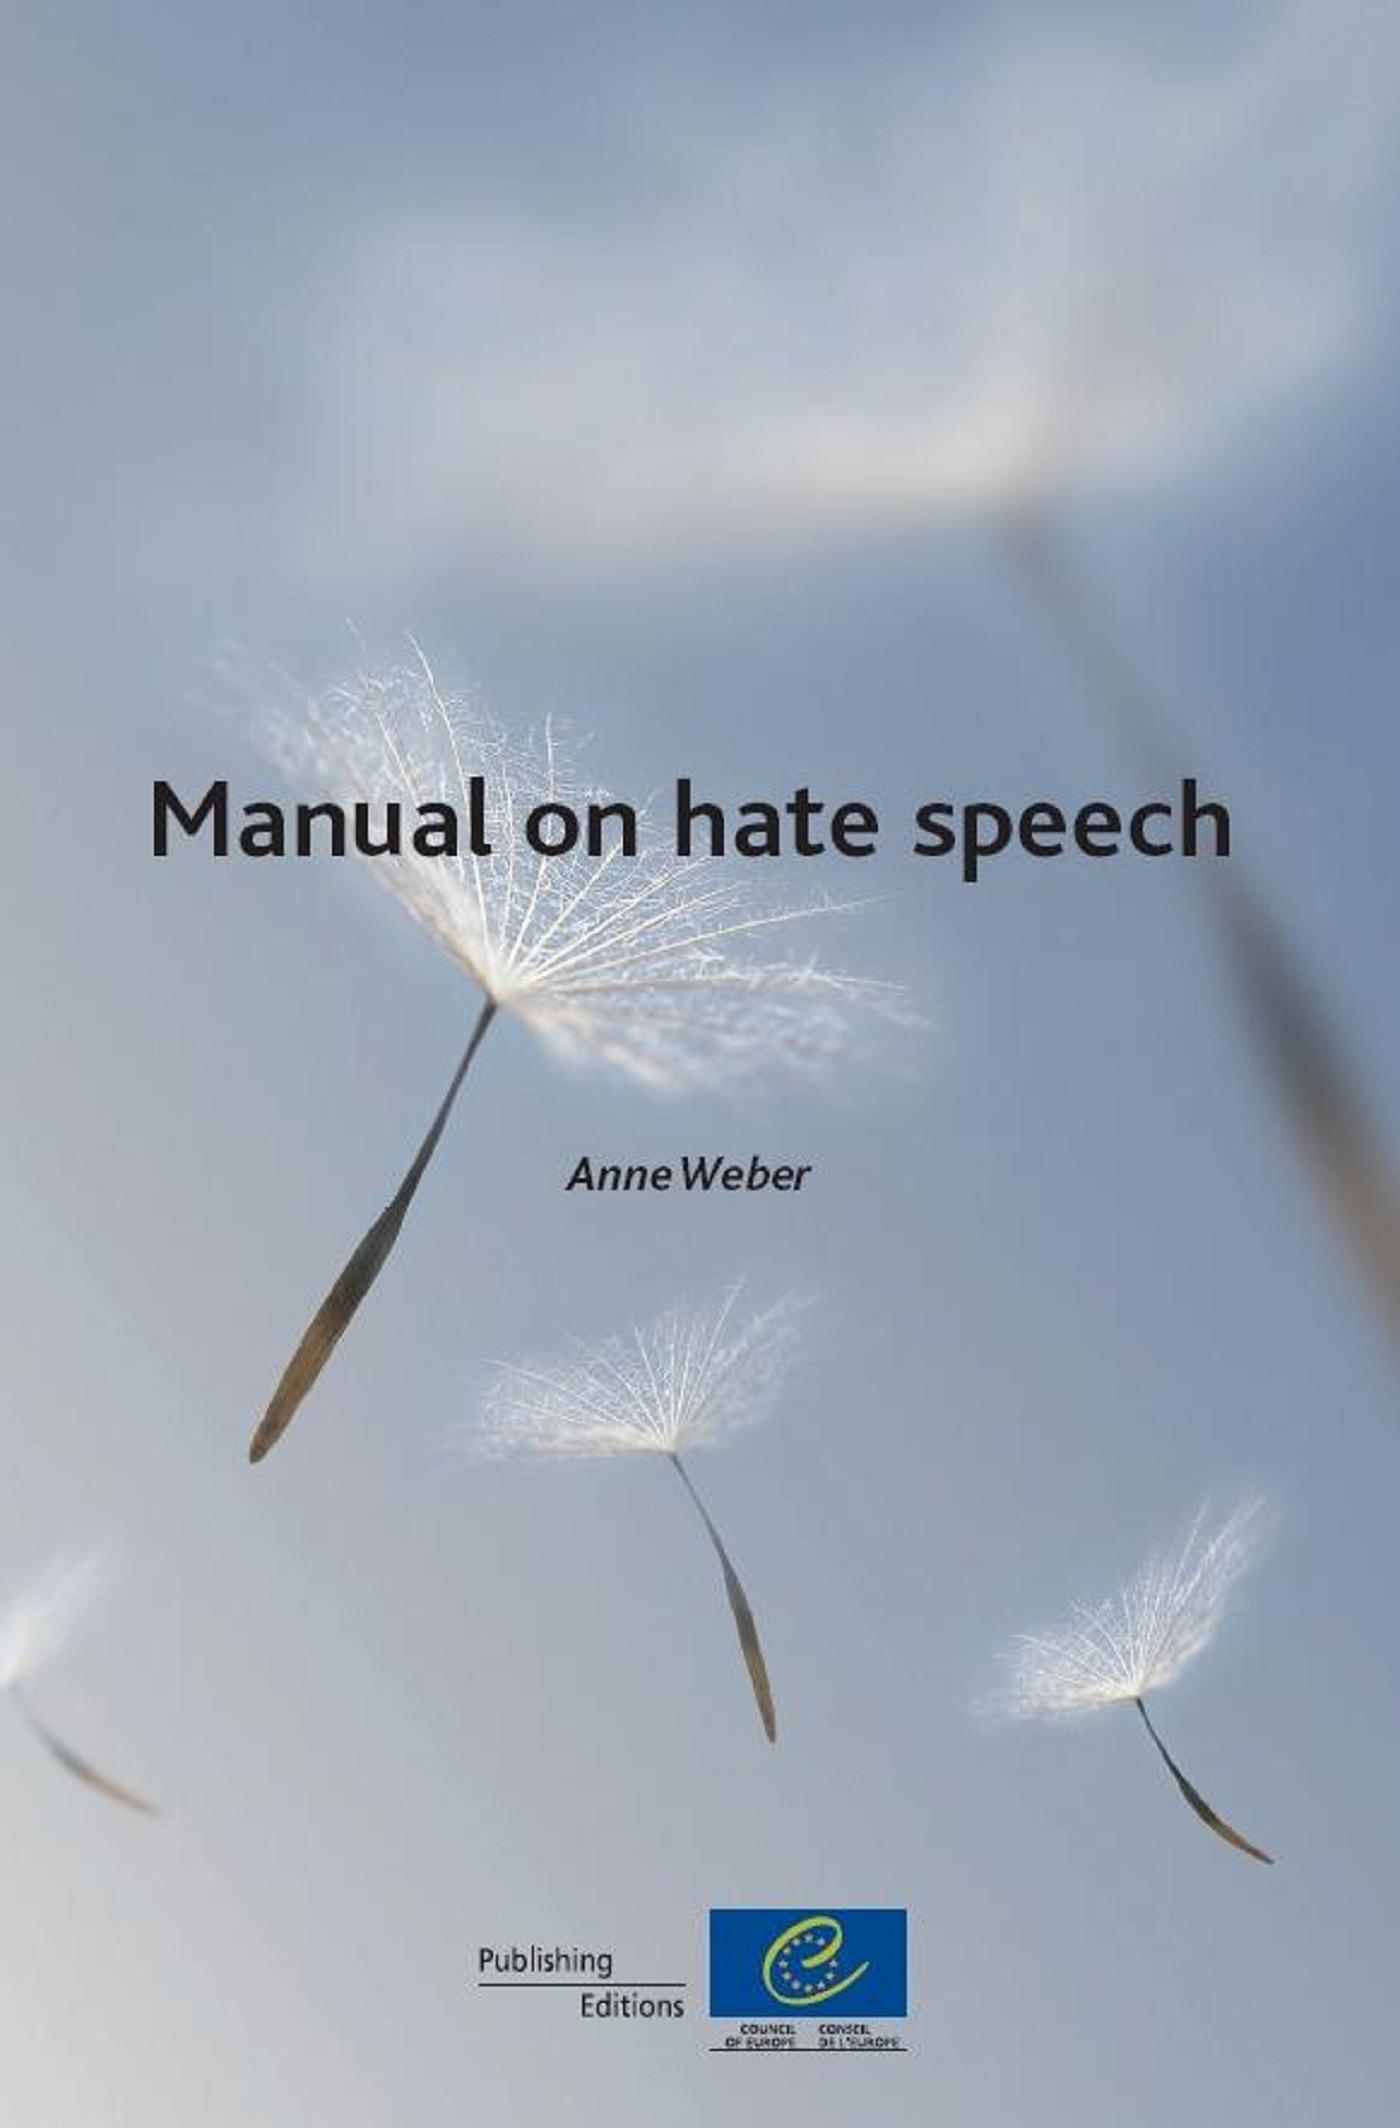 Manual on hate speech